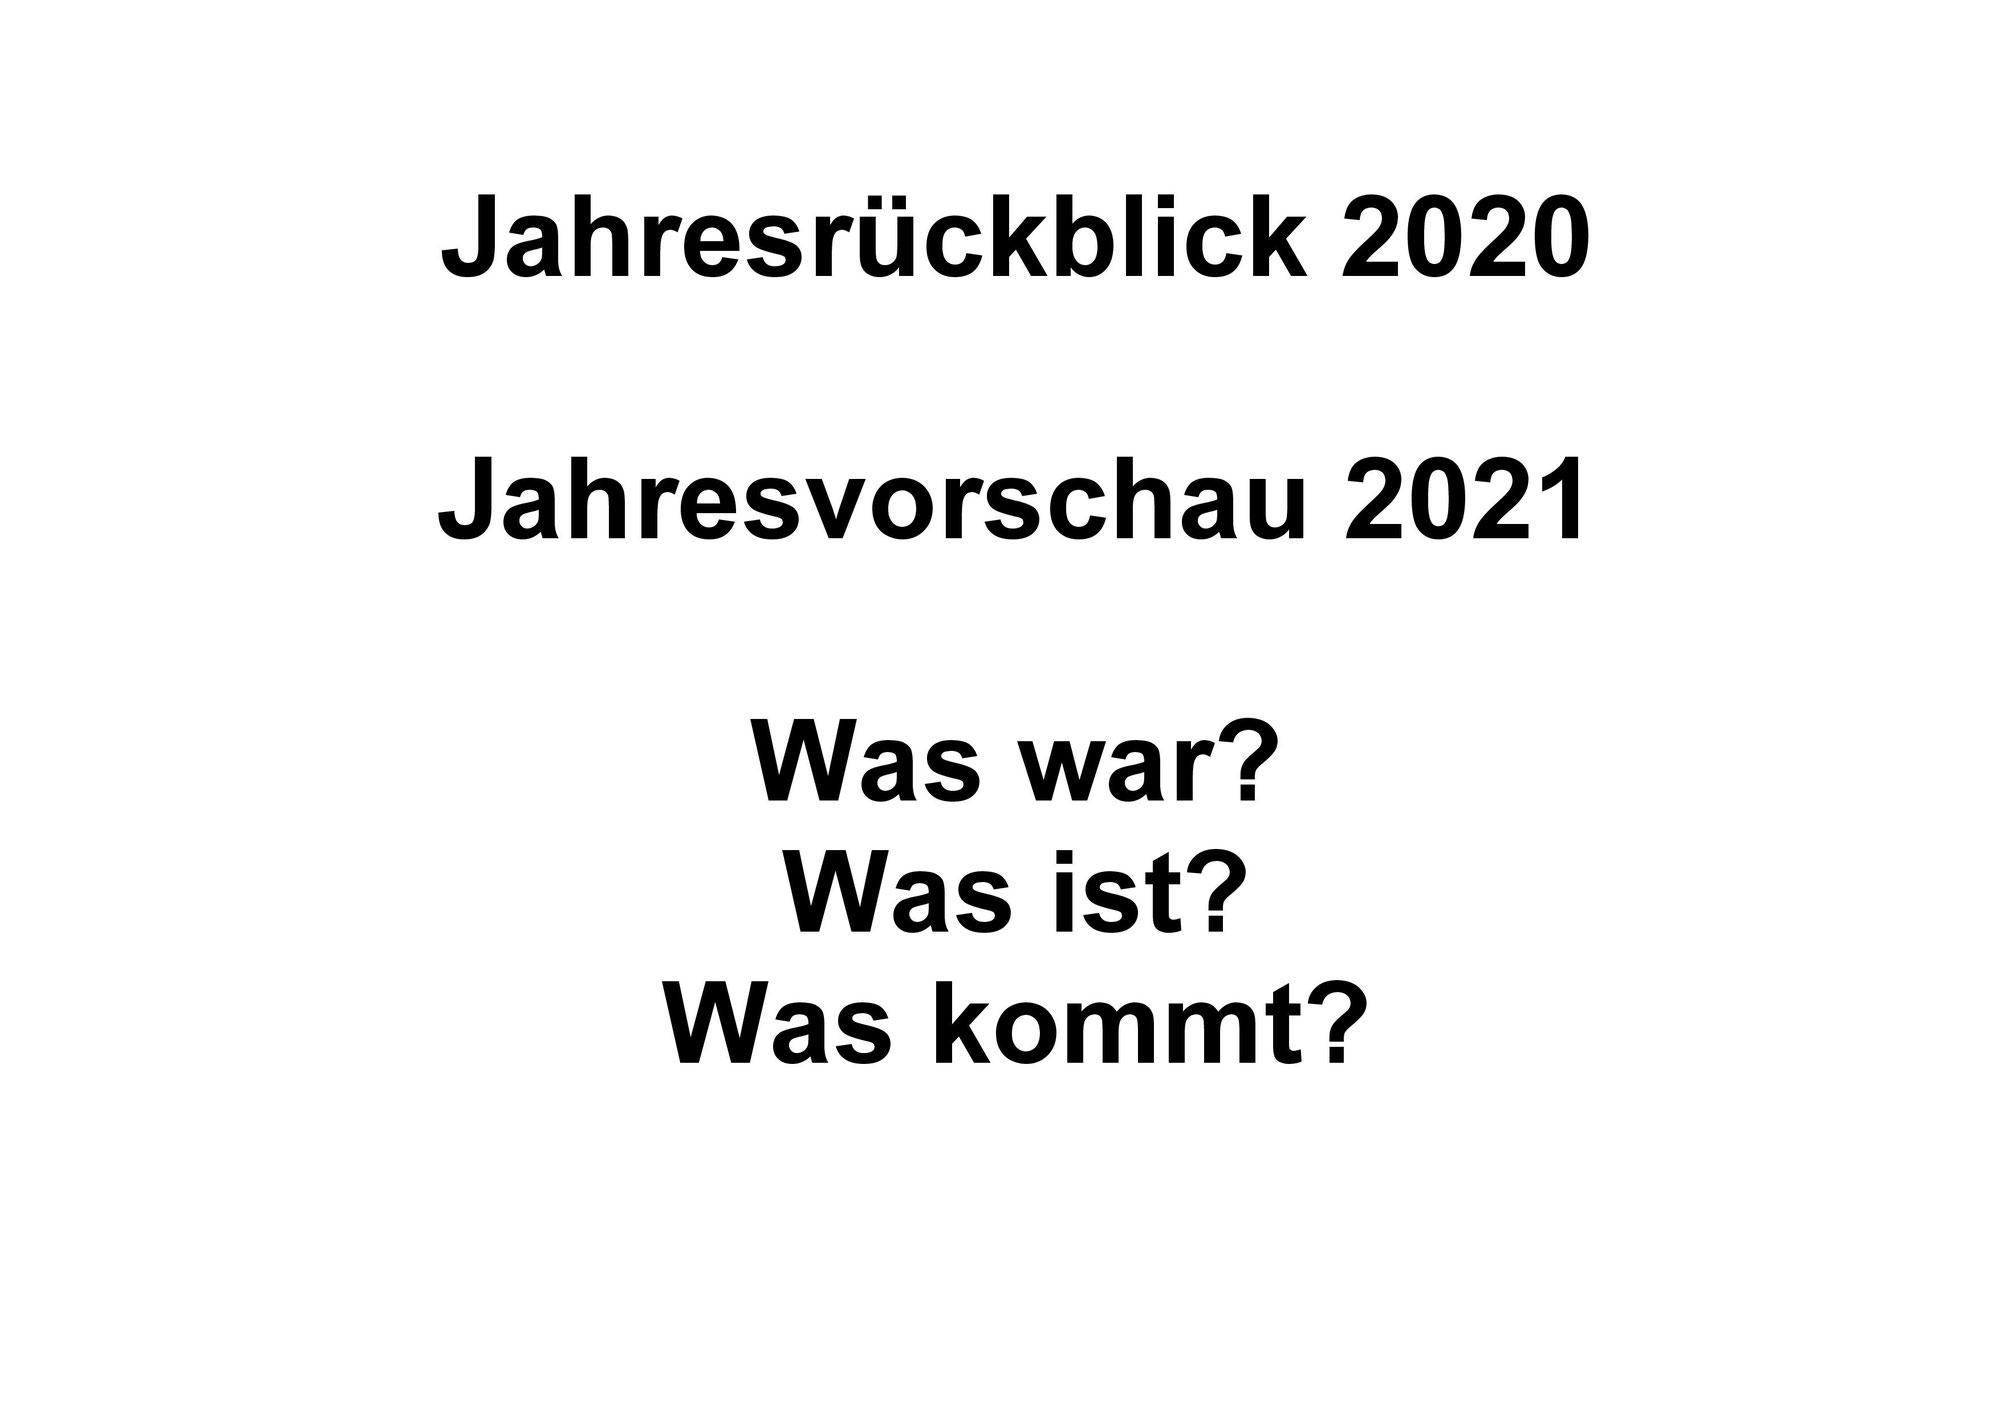 Mein Jahresrückblick 2020 - meine Vorschau auf 2021